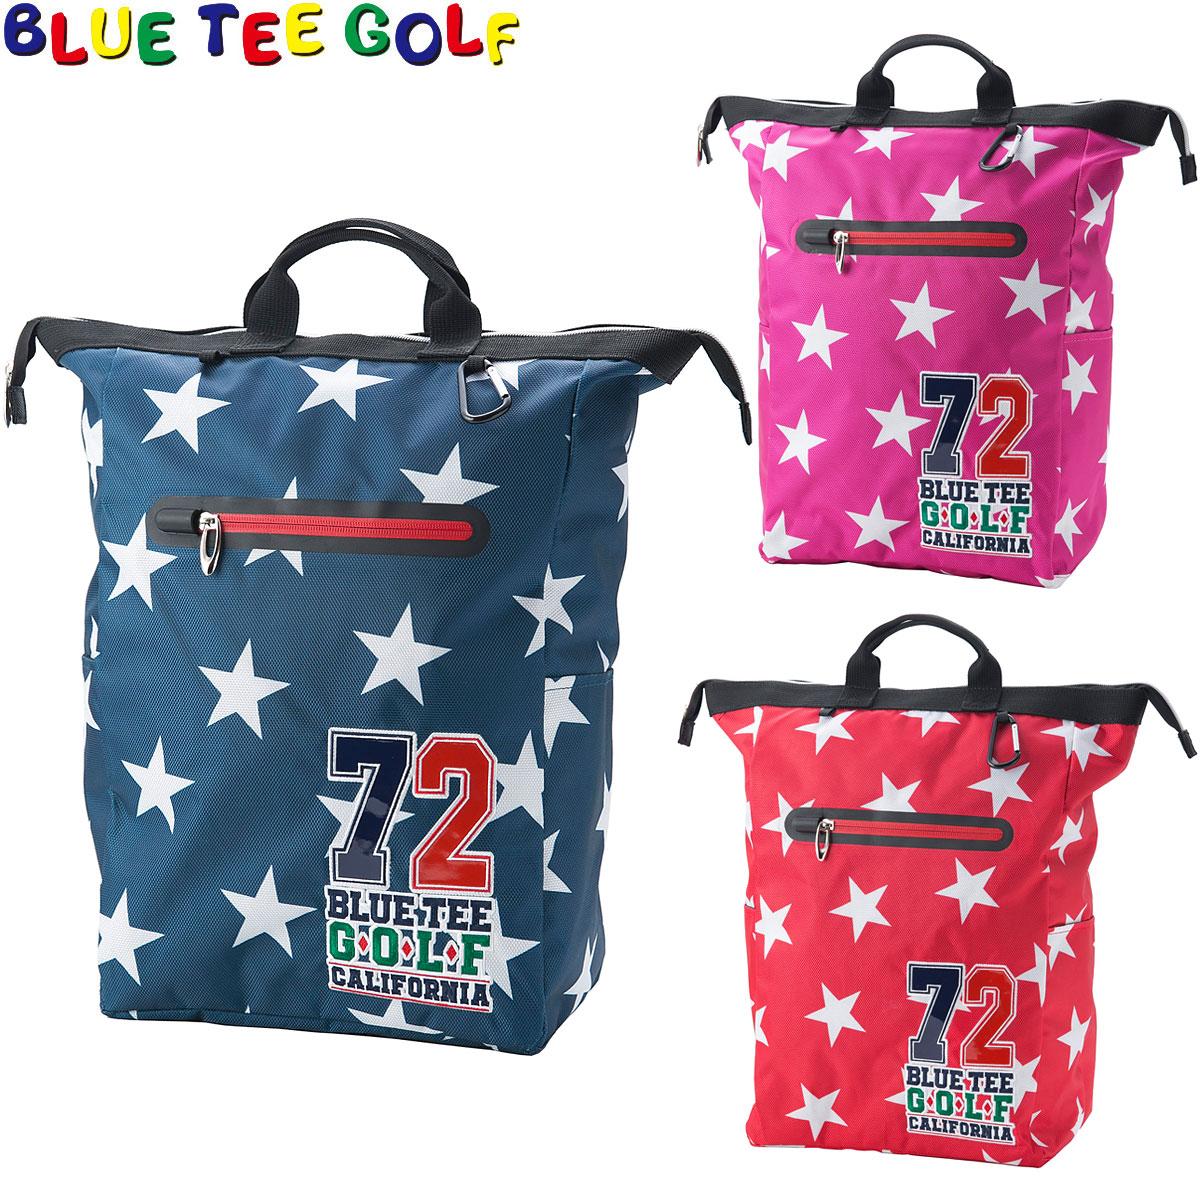 本気で遊ぶゴルフギア BLUE セール品 TEE GOLF ブルーティーゴルフ 日本正規品 激安☆超特価 TT-001 ナイロントートバッグ スター